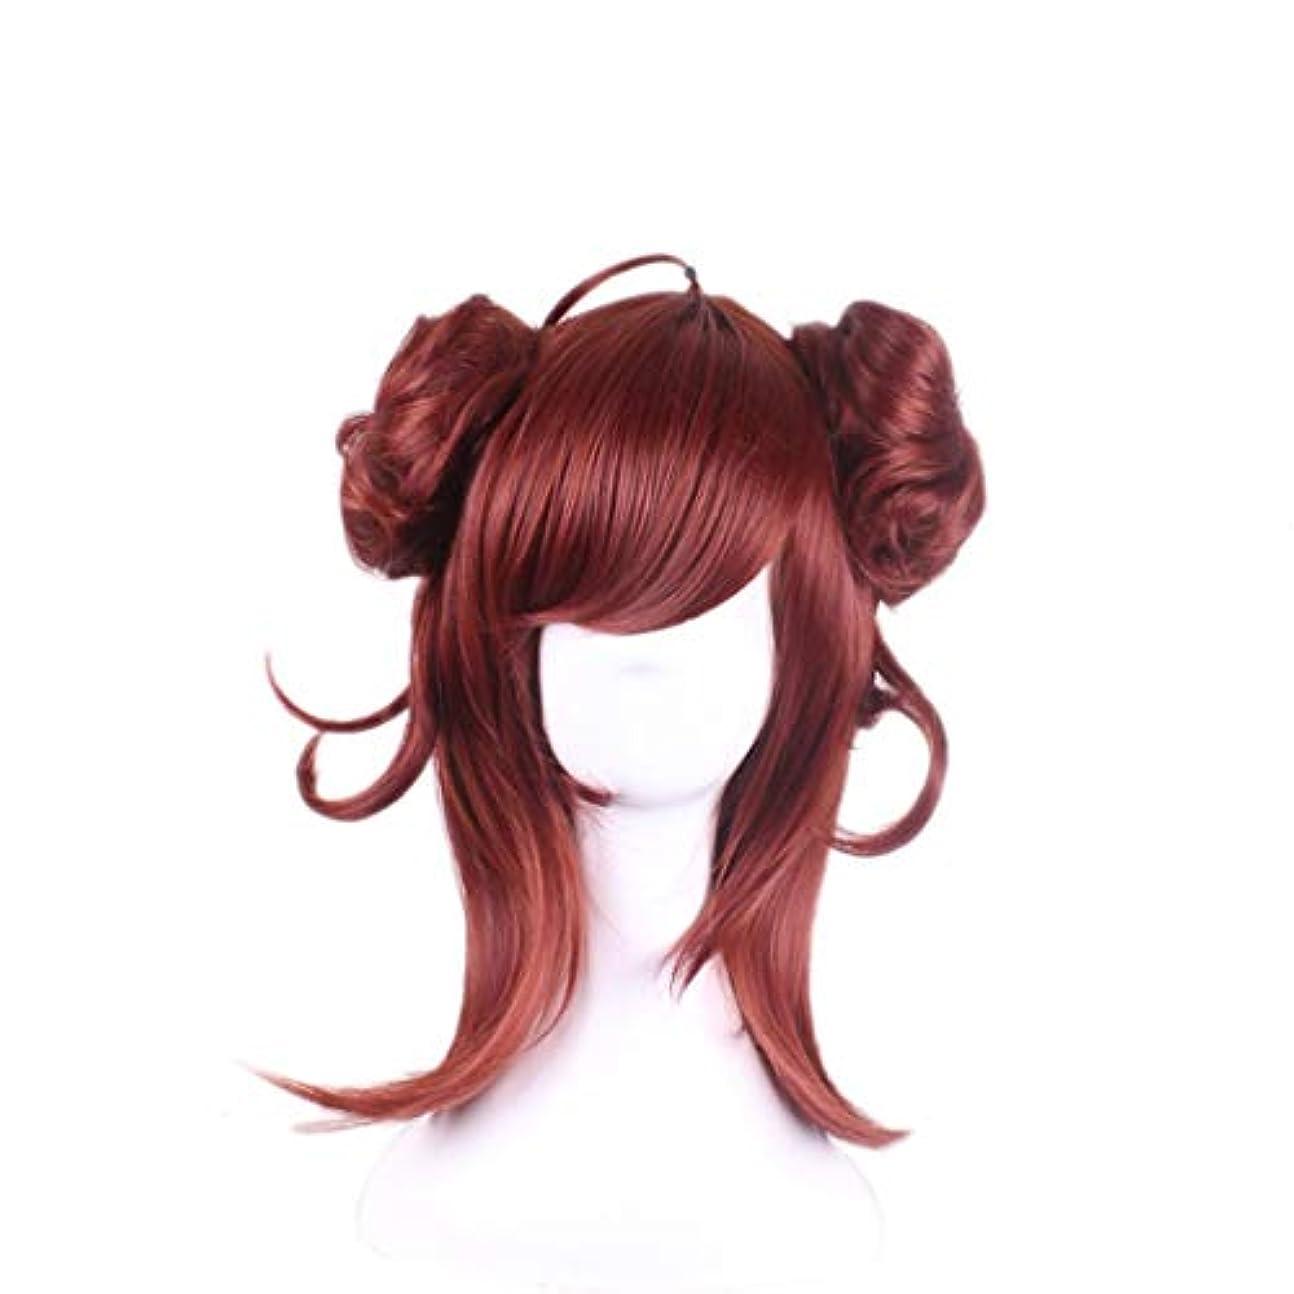 入射含めるいたずらなJIANFU コスプレウィッグロングカーリーヘアウィッグレッドブラウン魅惑的なかつら (Color : Red-brown)